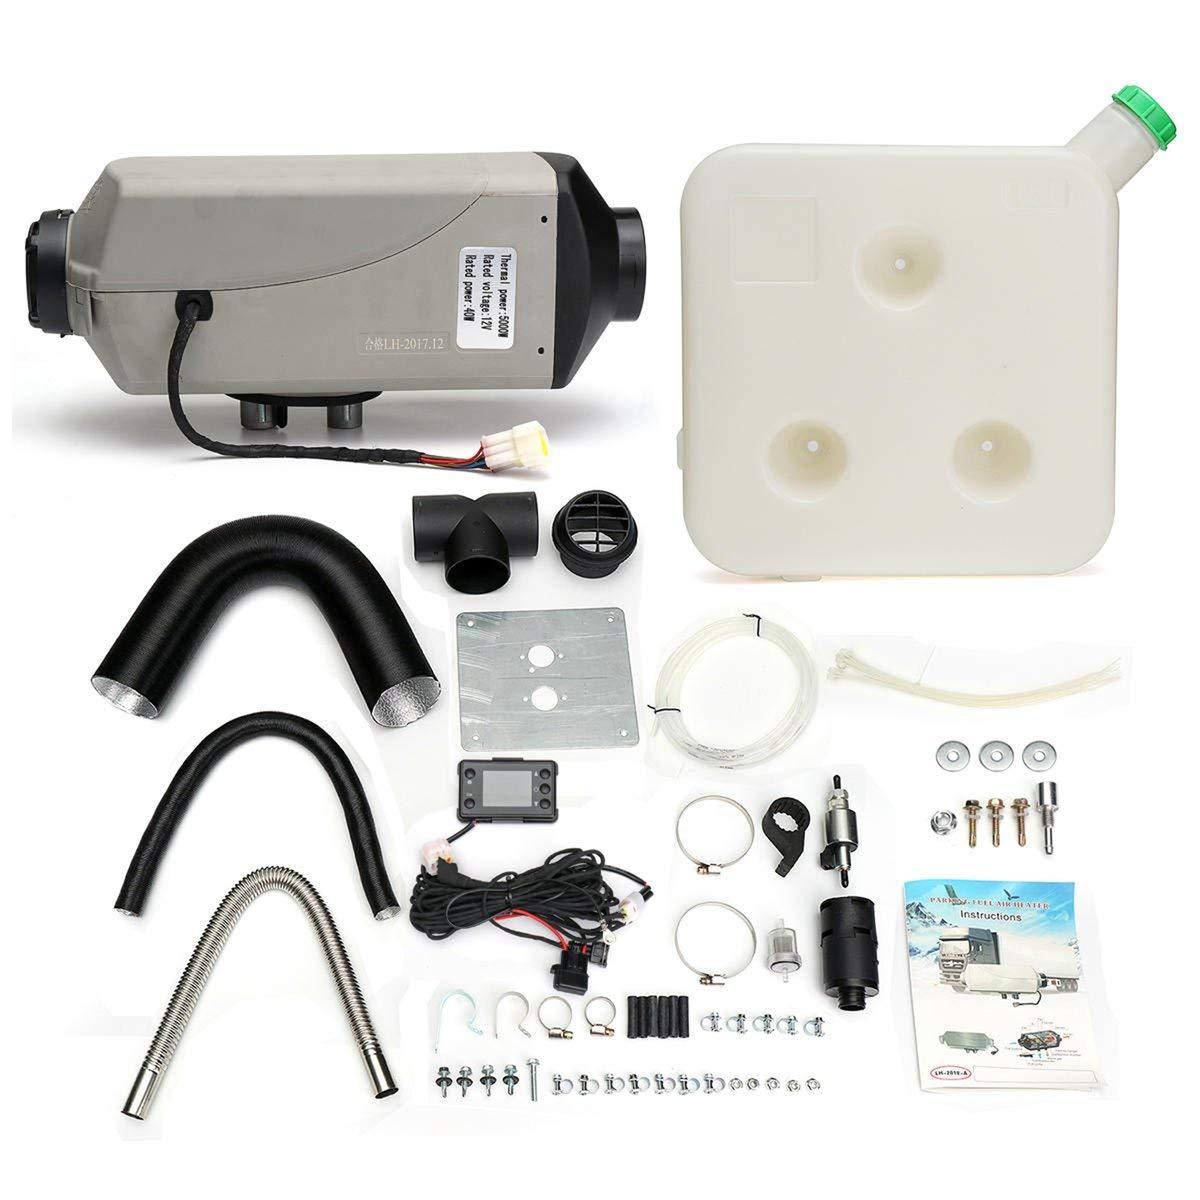 Gugutogo 8kw / 12v einzelner LCD-Schalter-Schalldämpfer-Auto-Diesel-Lufterhitzer für Stiefel RV-LKW